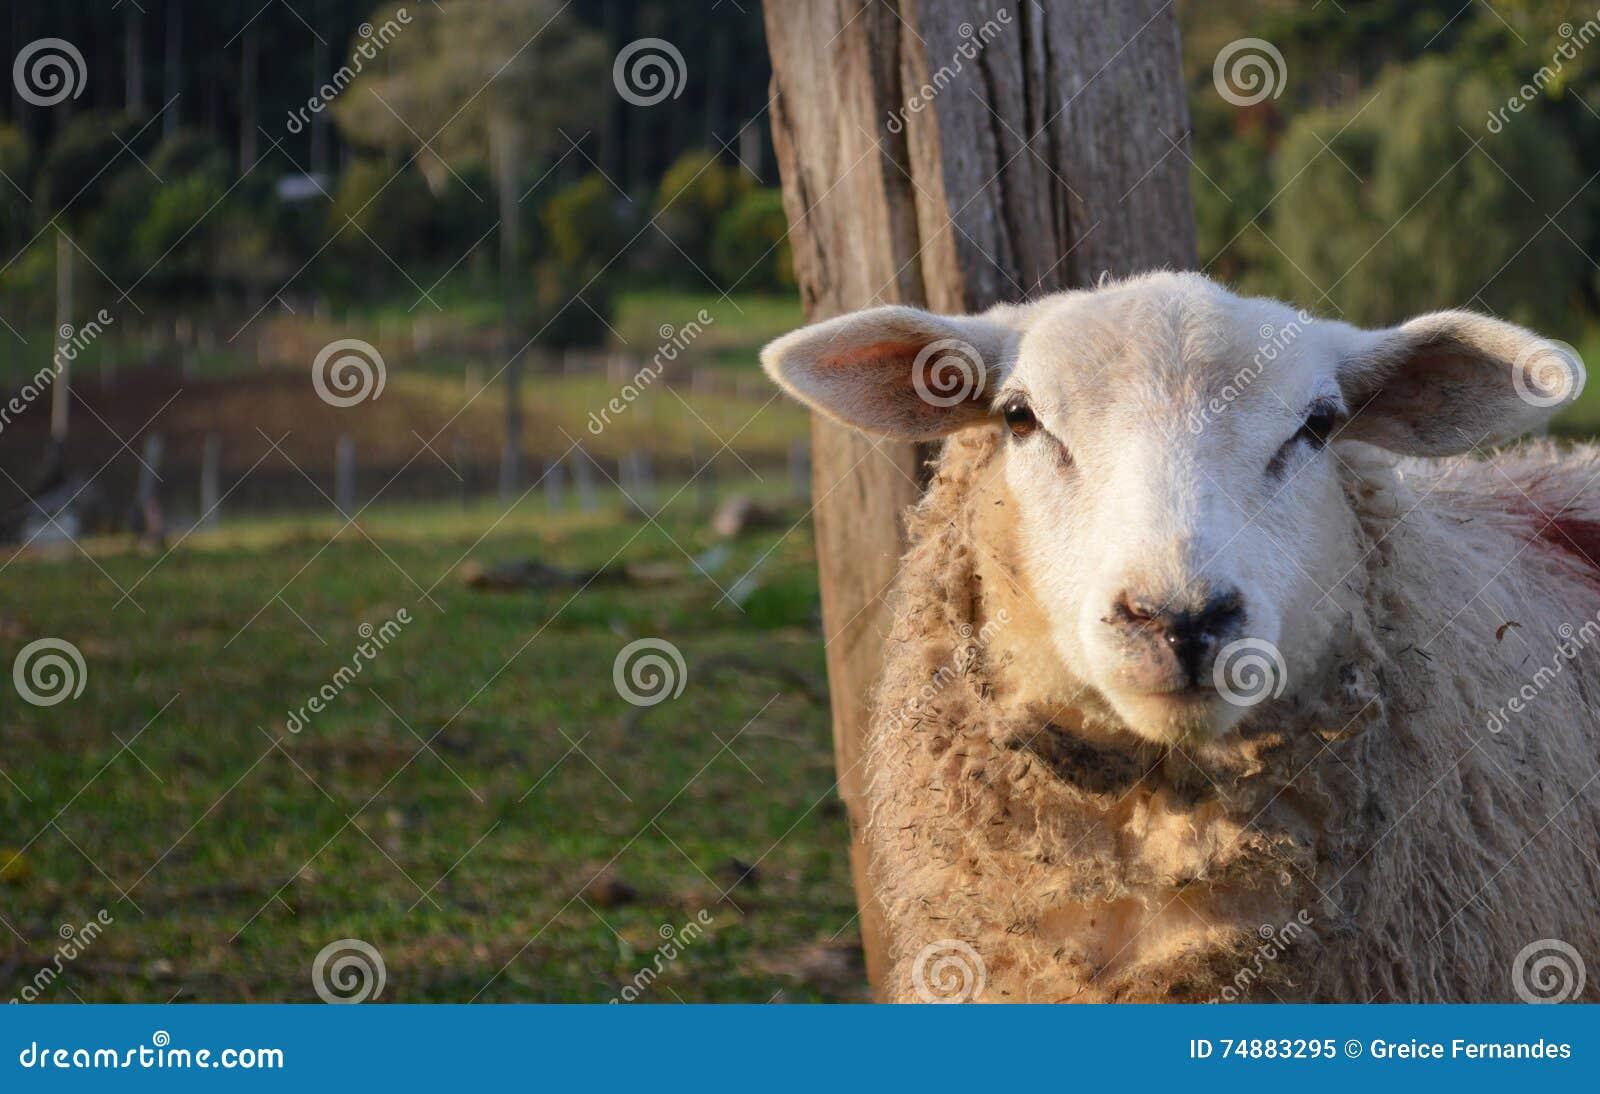 Pose de moutons